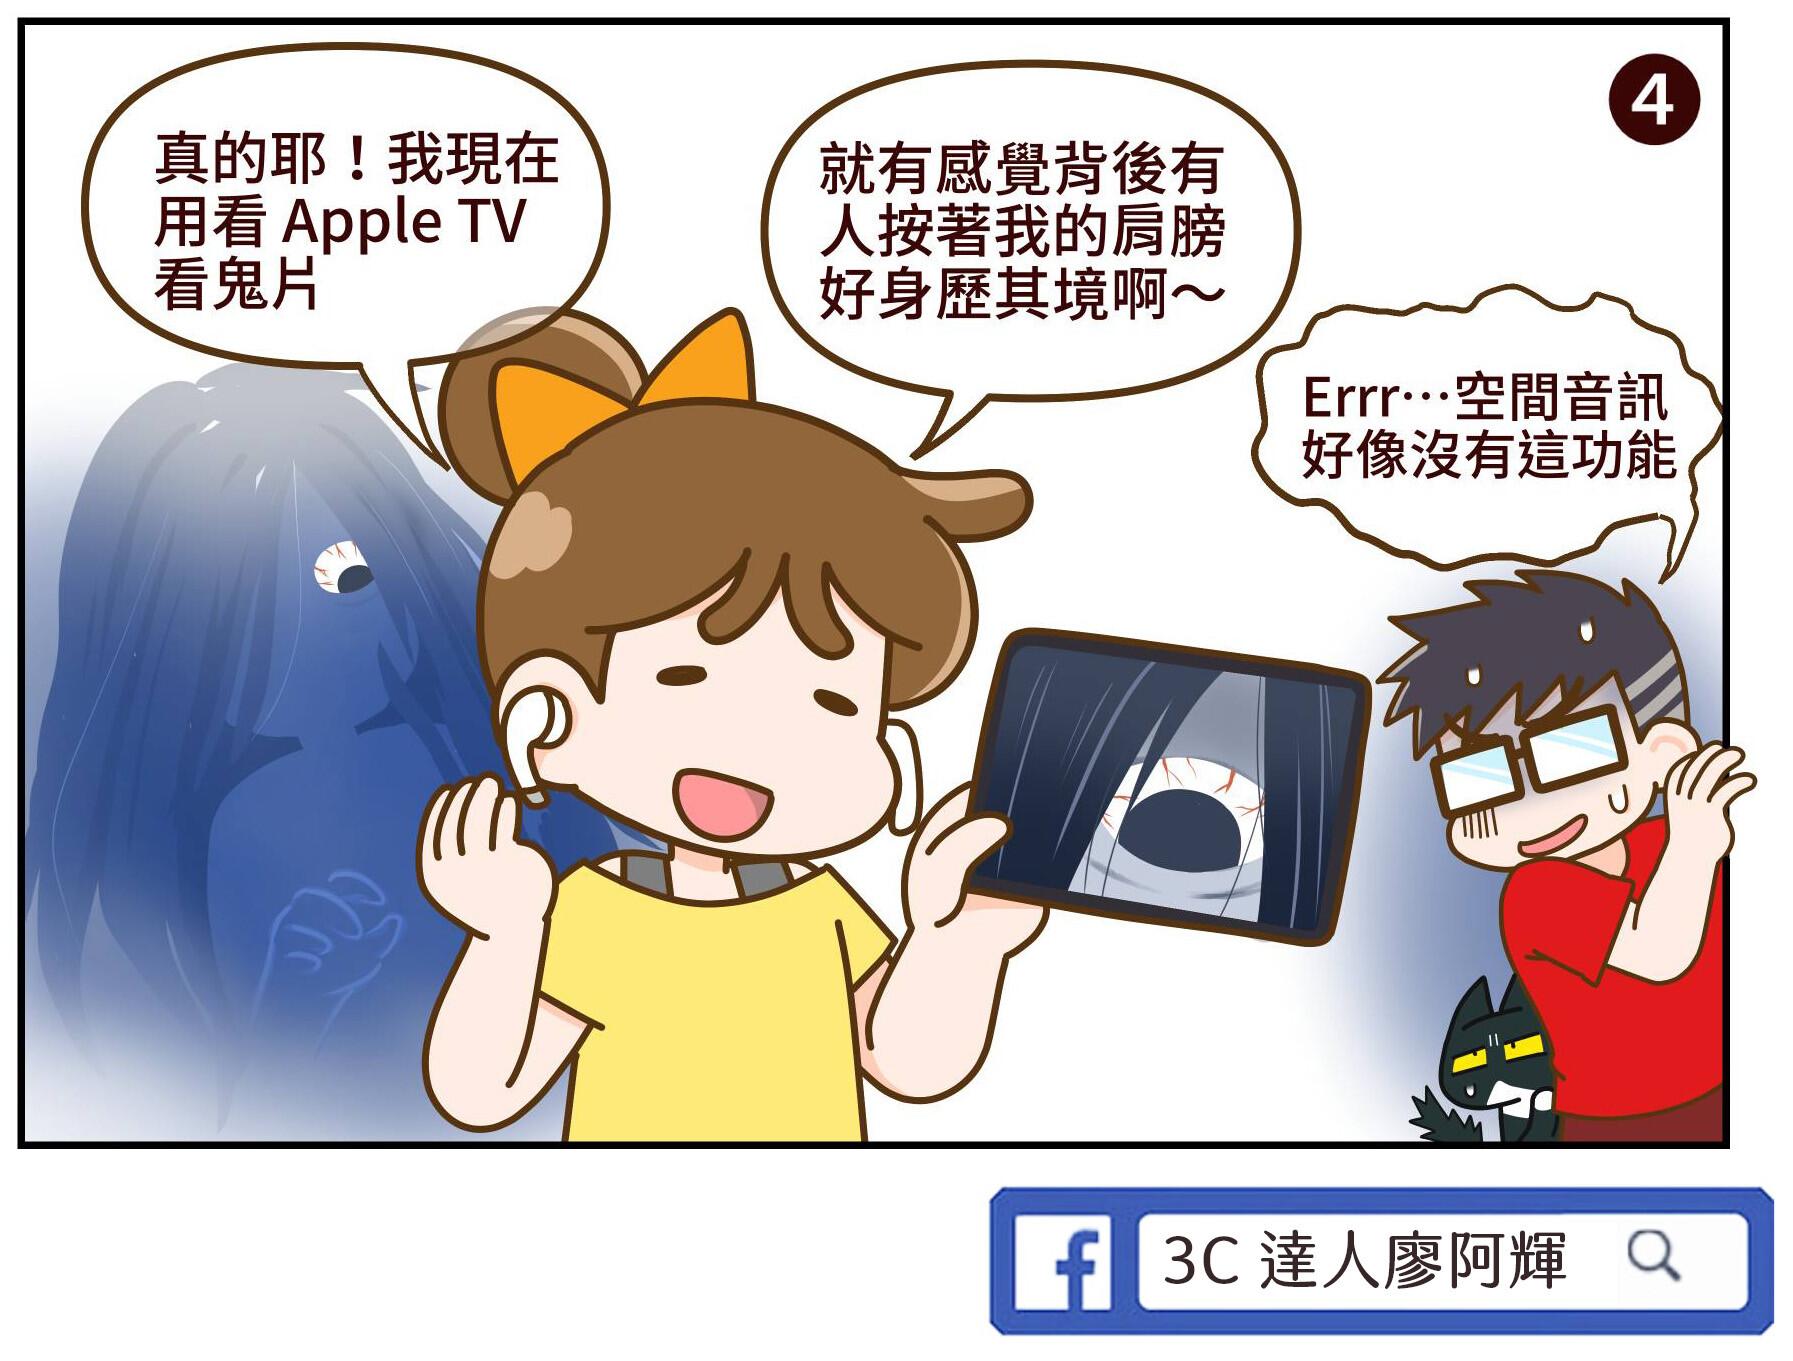 [漫畫] Apple Music 支援無損音樂與空間音訊啦! @3C 達人廖阿輝